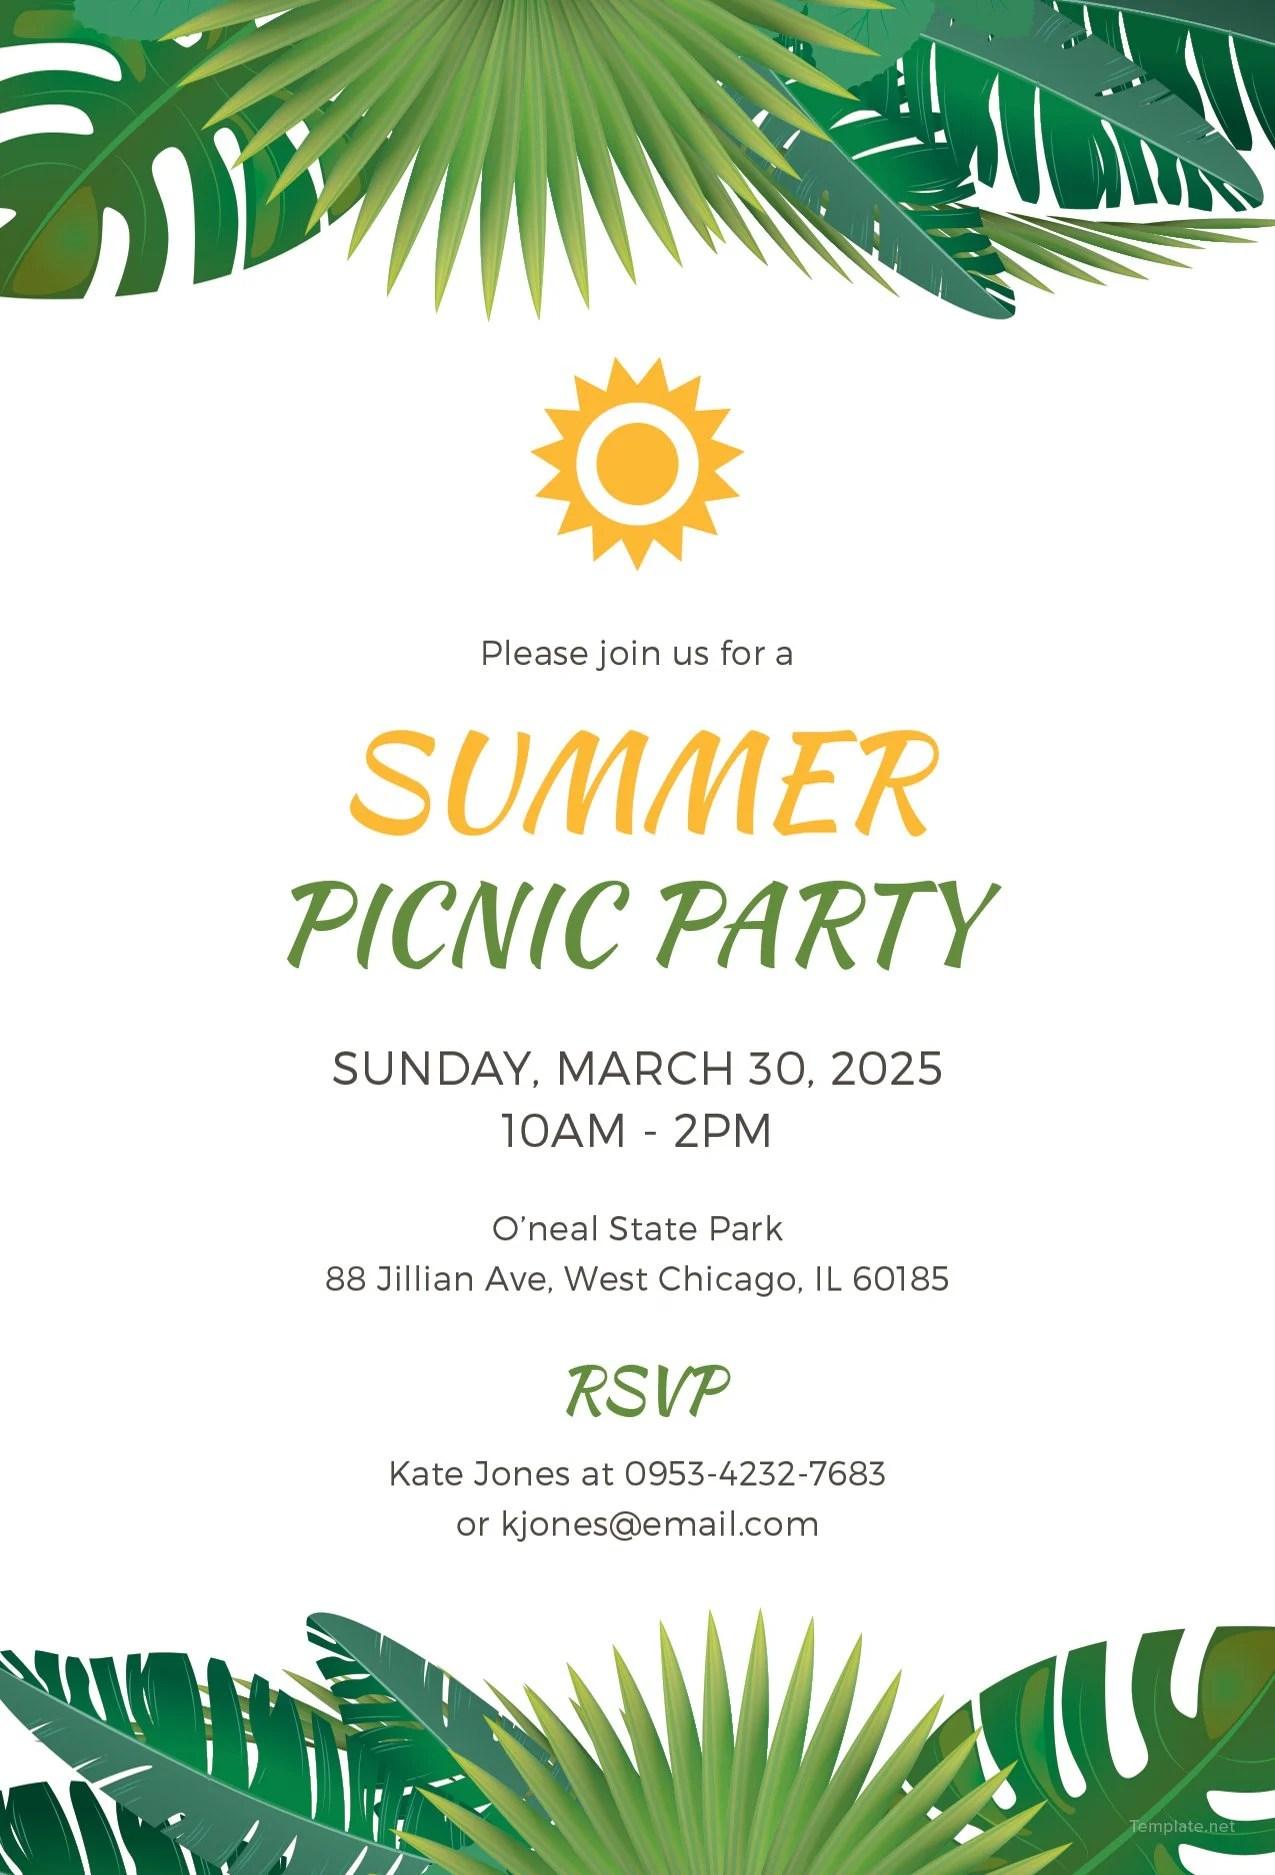 Reunion Picnic Invitations